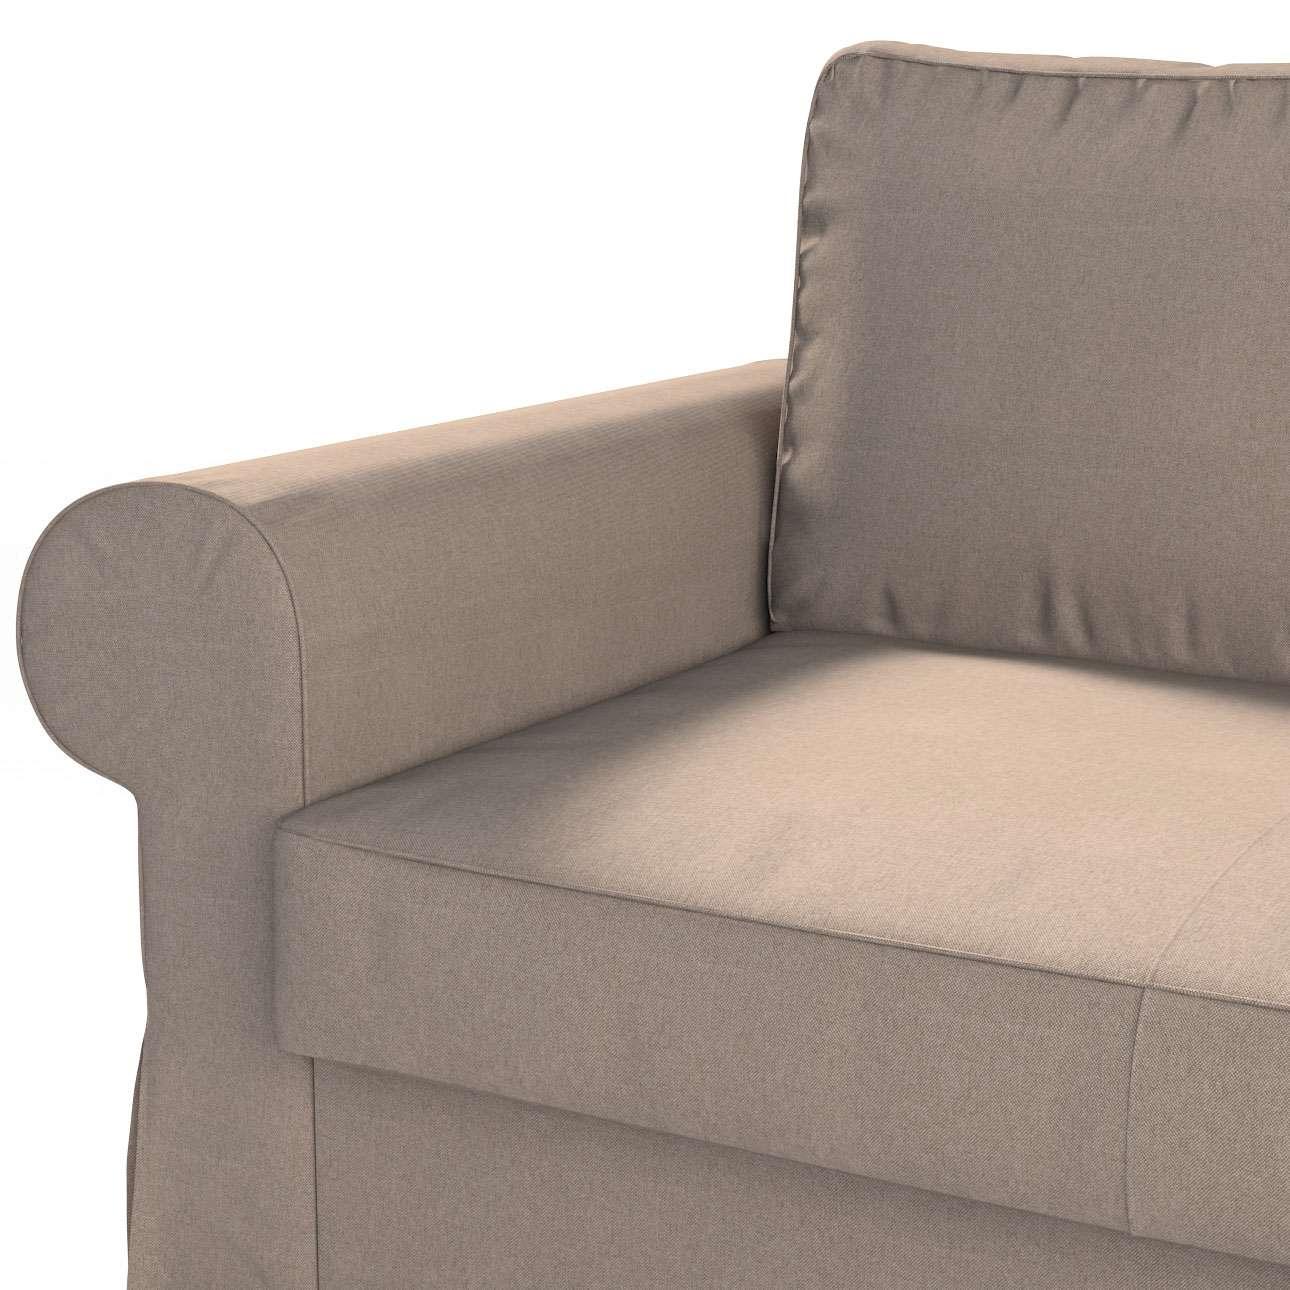 Pokrowiec na sofę Backabro 2-osobową rozkładaną sofa Backabro 2-osobowa rozkładana w kolekcji Etna , tkanina: 705-09